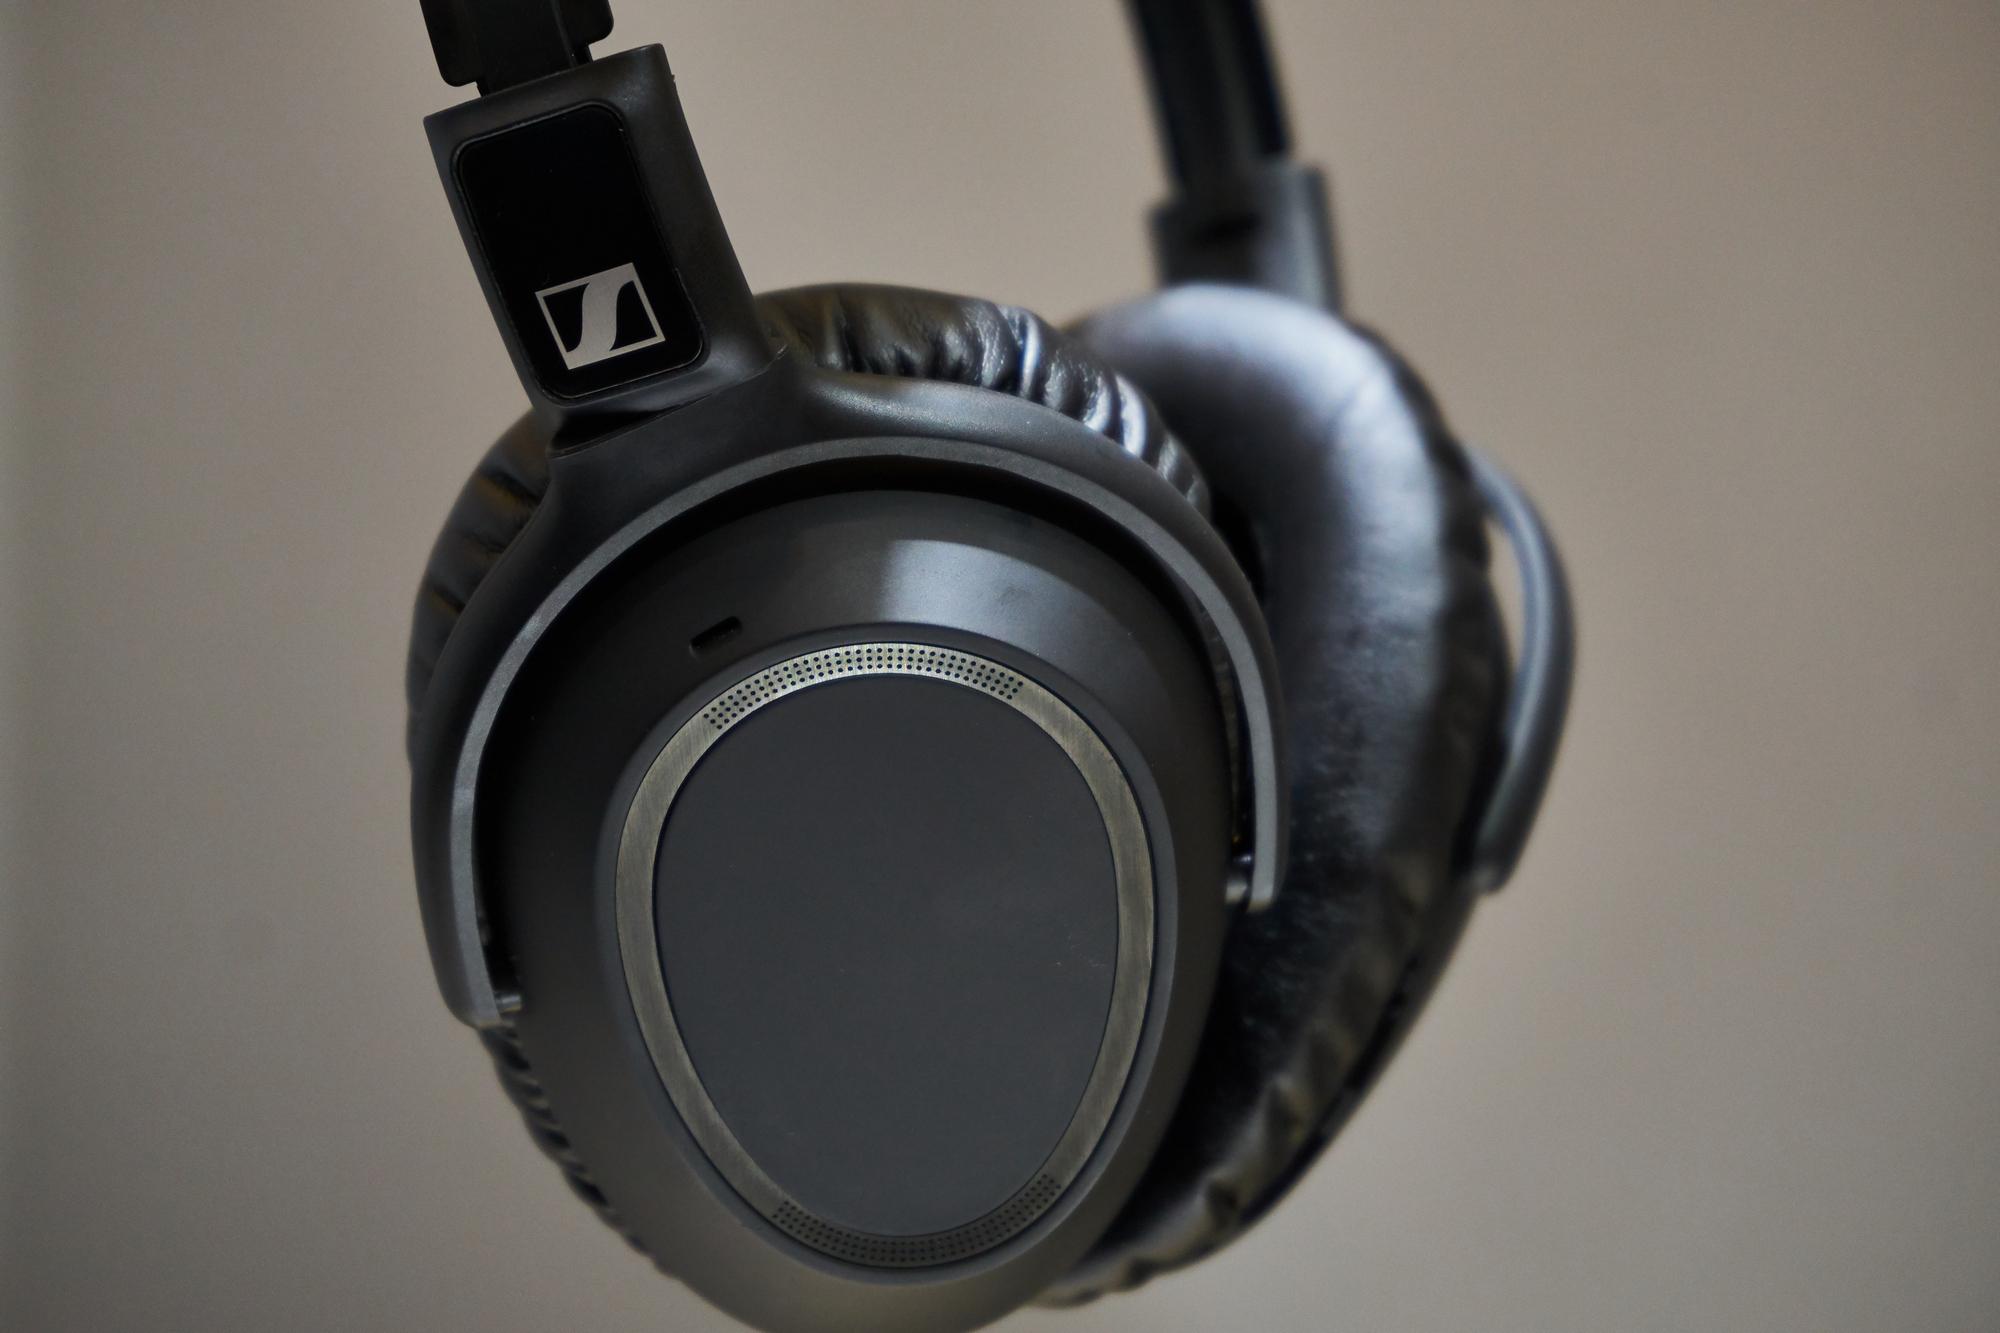 Sennheiser PXC 550-II, czyli jak odświeżyć słuchawki, zachowując stare standardy 23